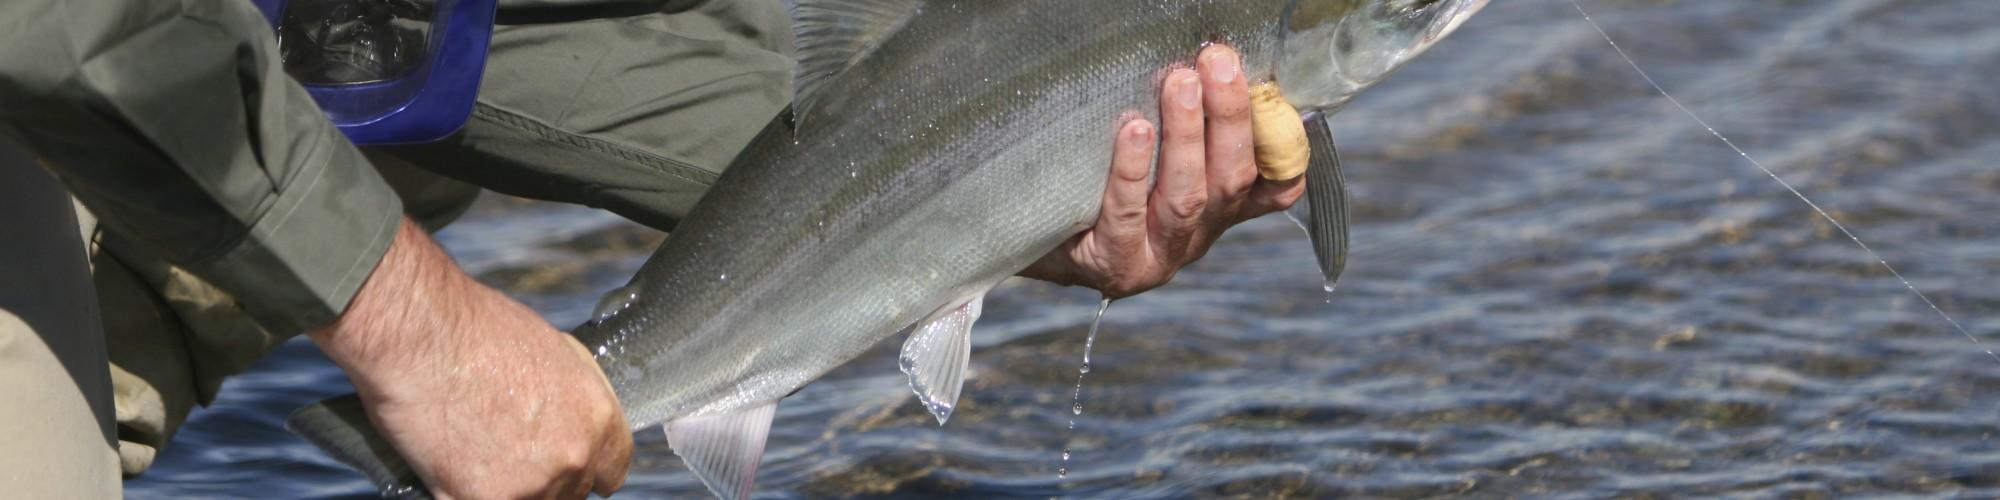 Pêcheur tenant un poisson